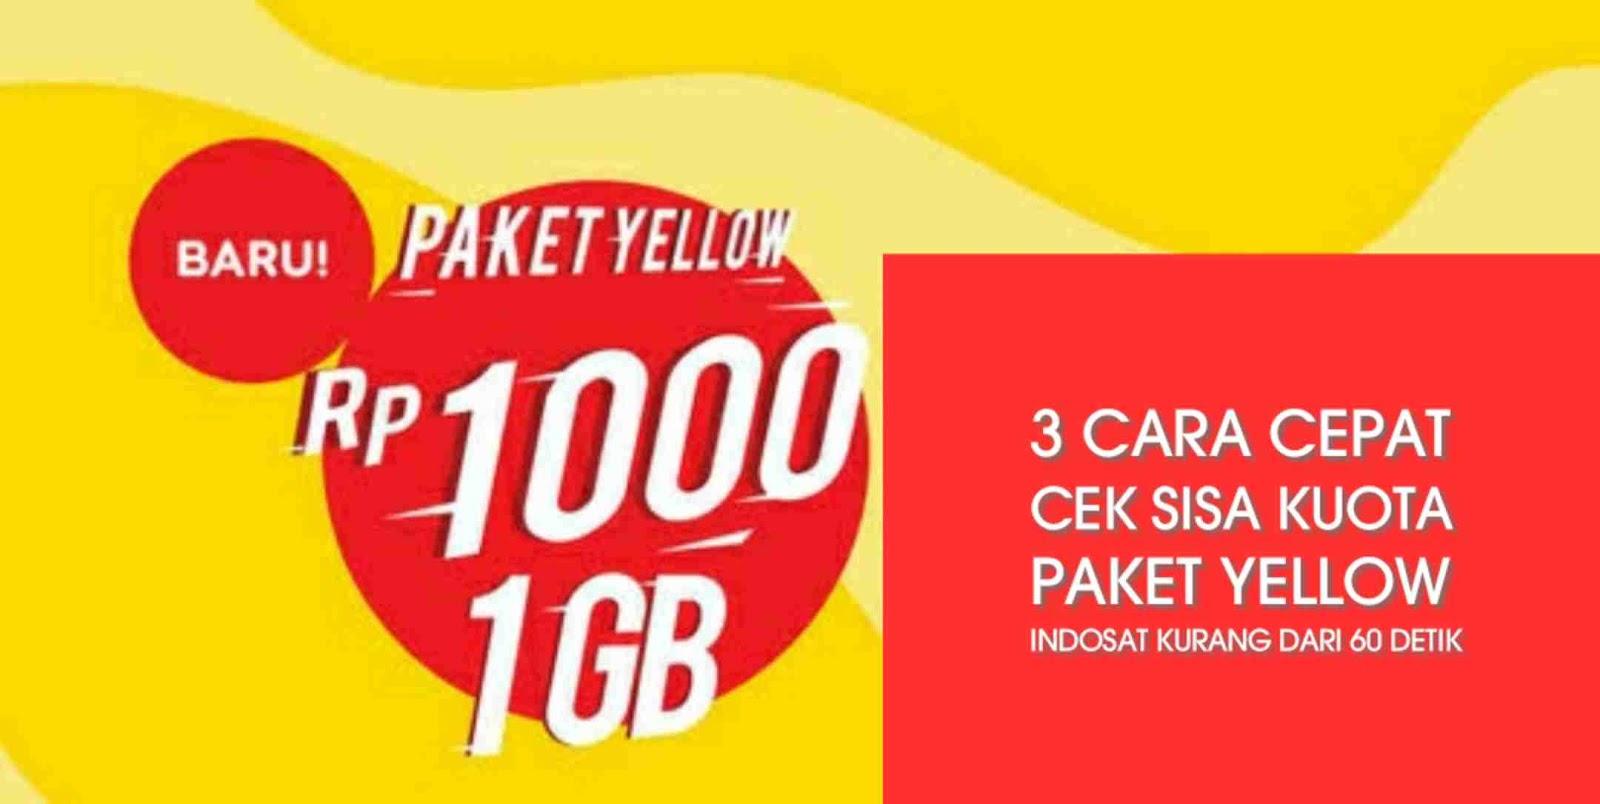 3 Cara cepat cek sisa kuota paket yellow indosat kurang dari 60 detik